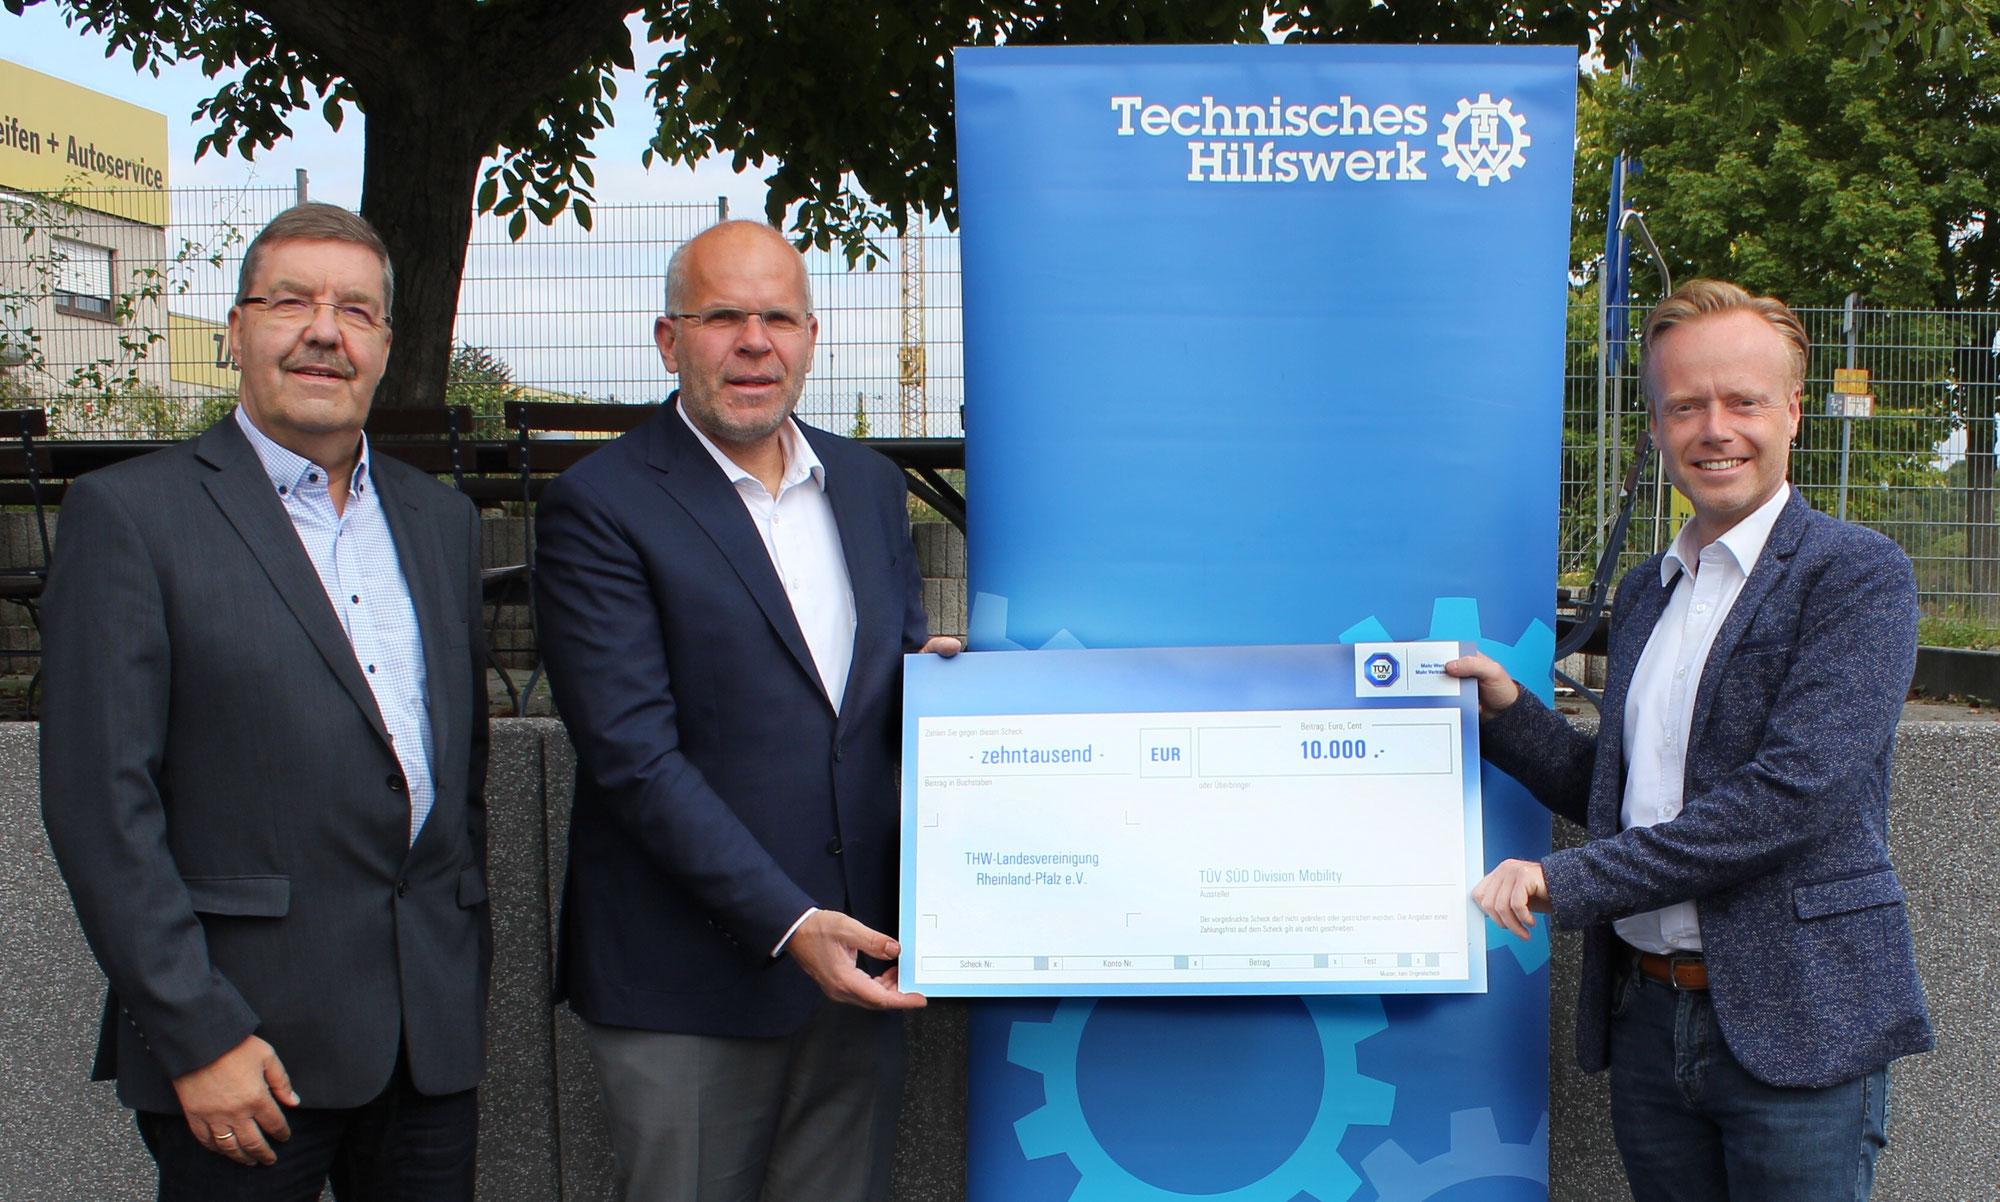 TÜV SÜD übergibt Spendenscheck in Höhe von 10.000 Euro an die THW Landesvereinigung Rheinland-Pfalz e.V.